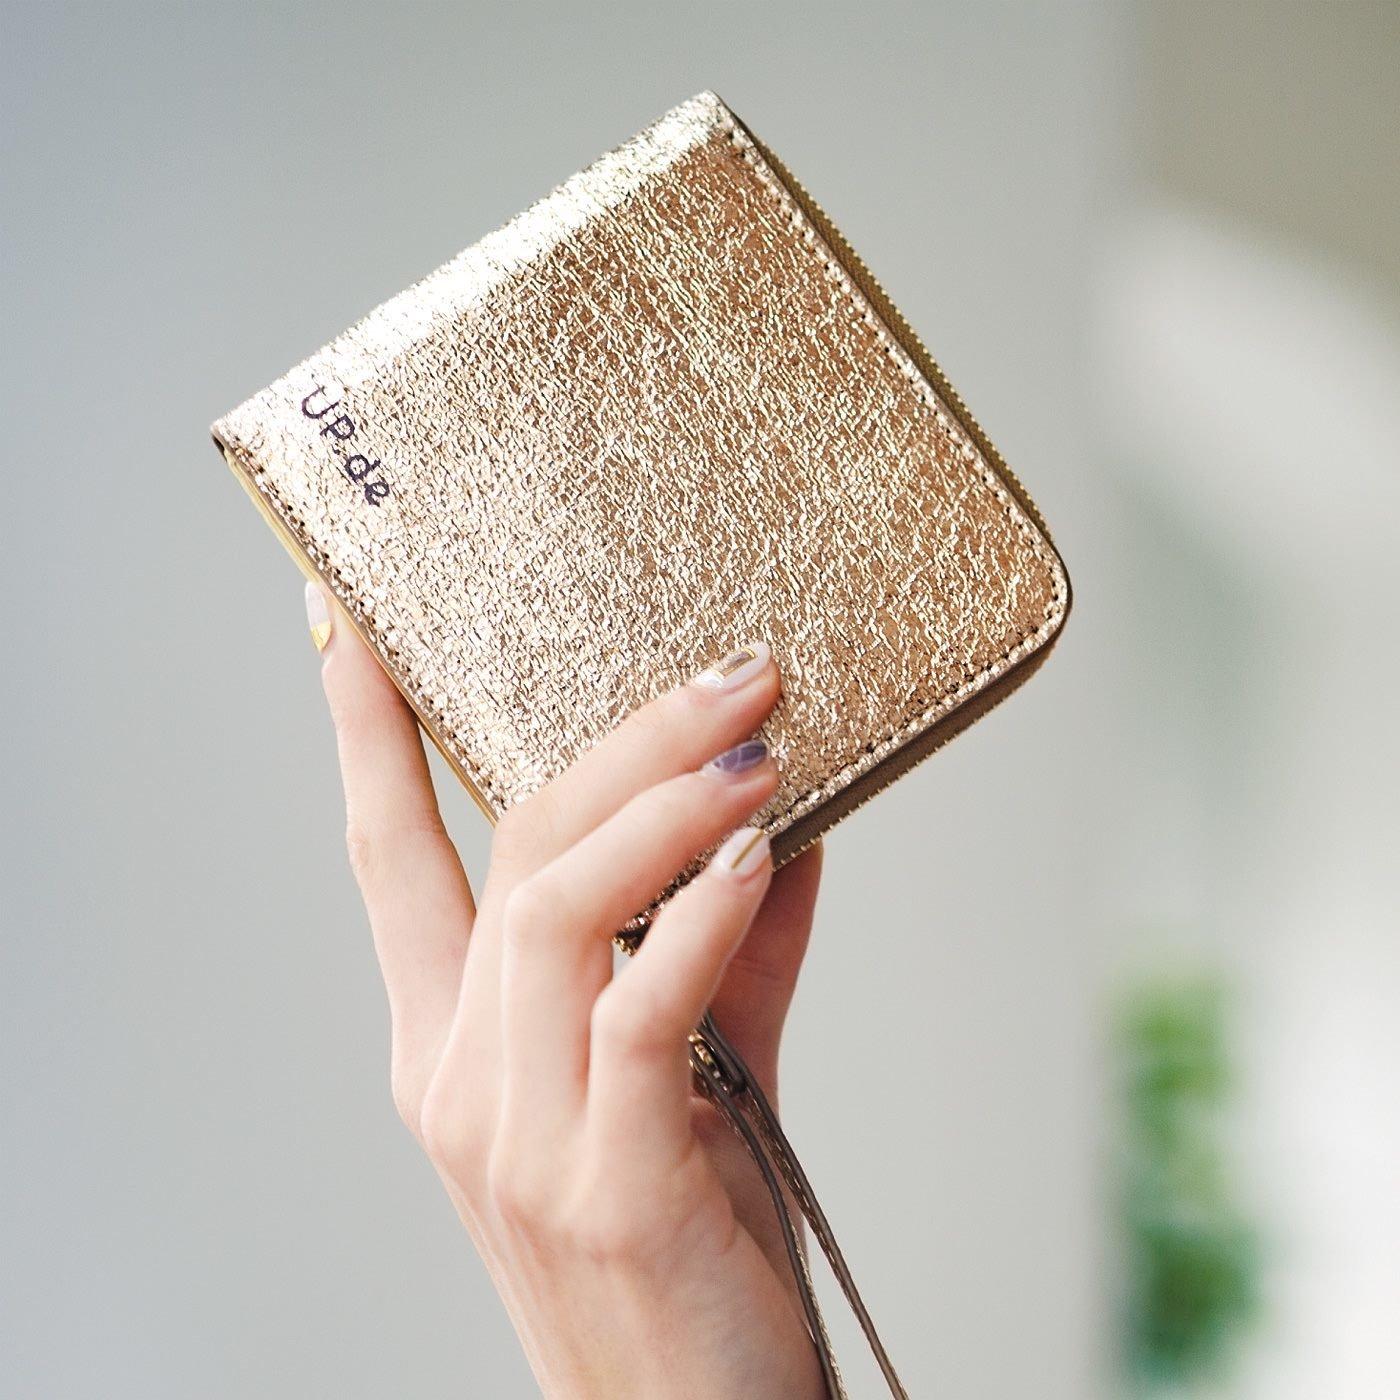 UP.de コンパクトなのにがばっとジャバラで一目瞭然 (りょうぜん)キラキラしあわせ二つ折り財布の会